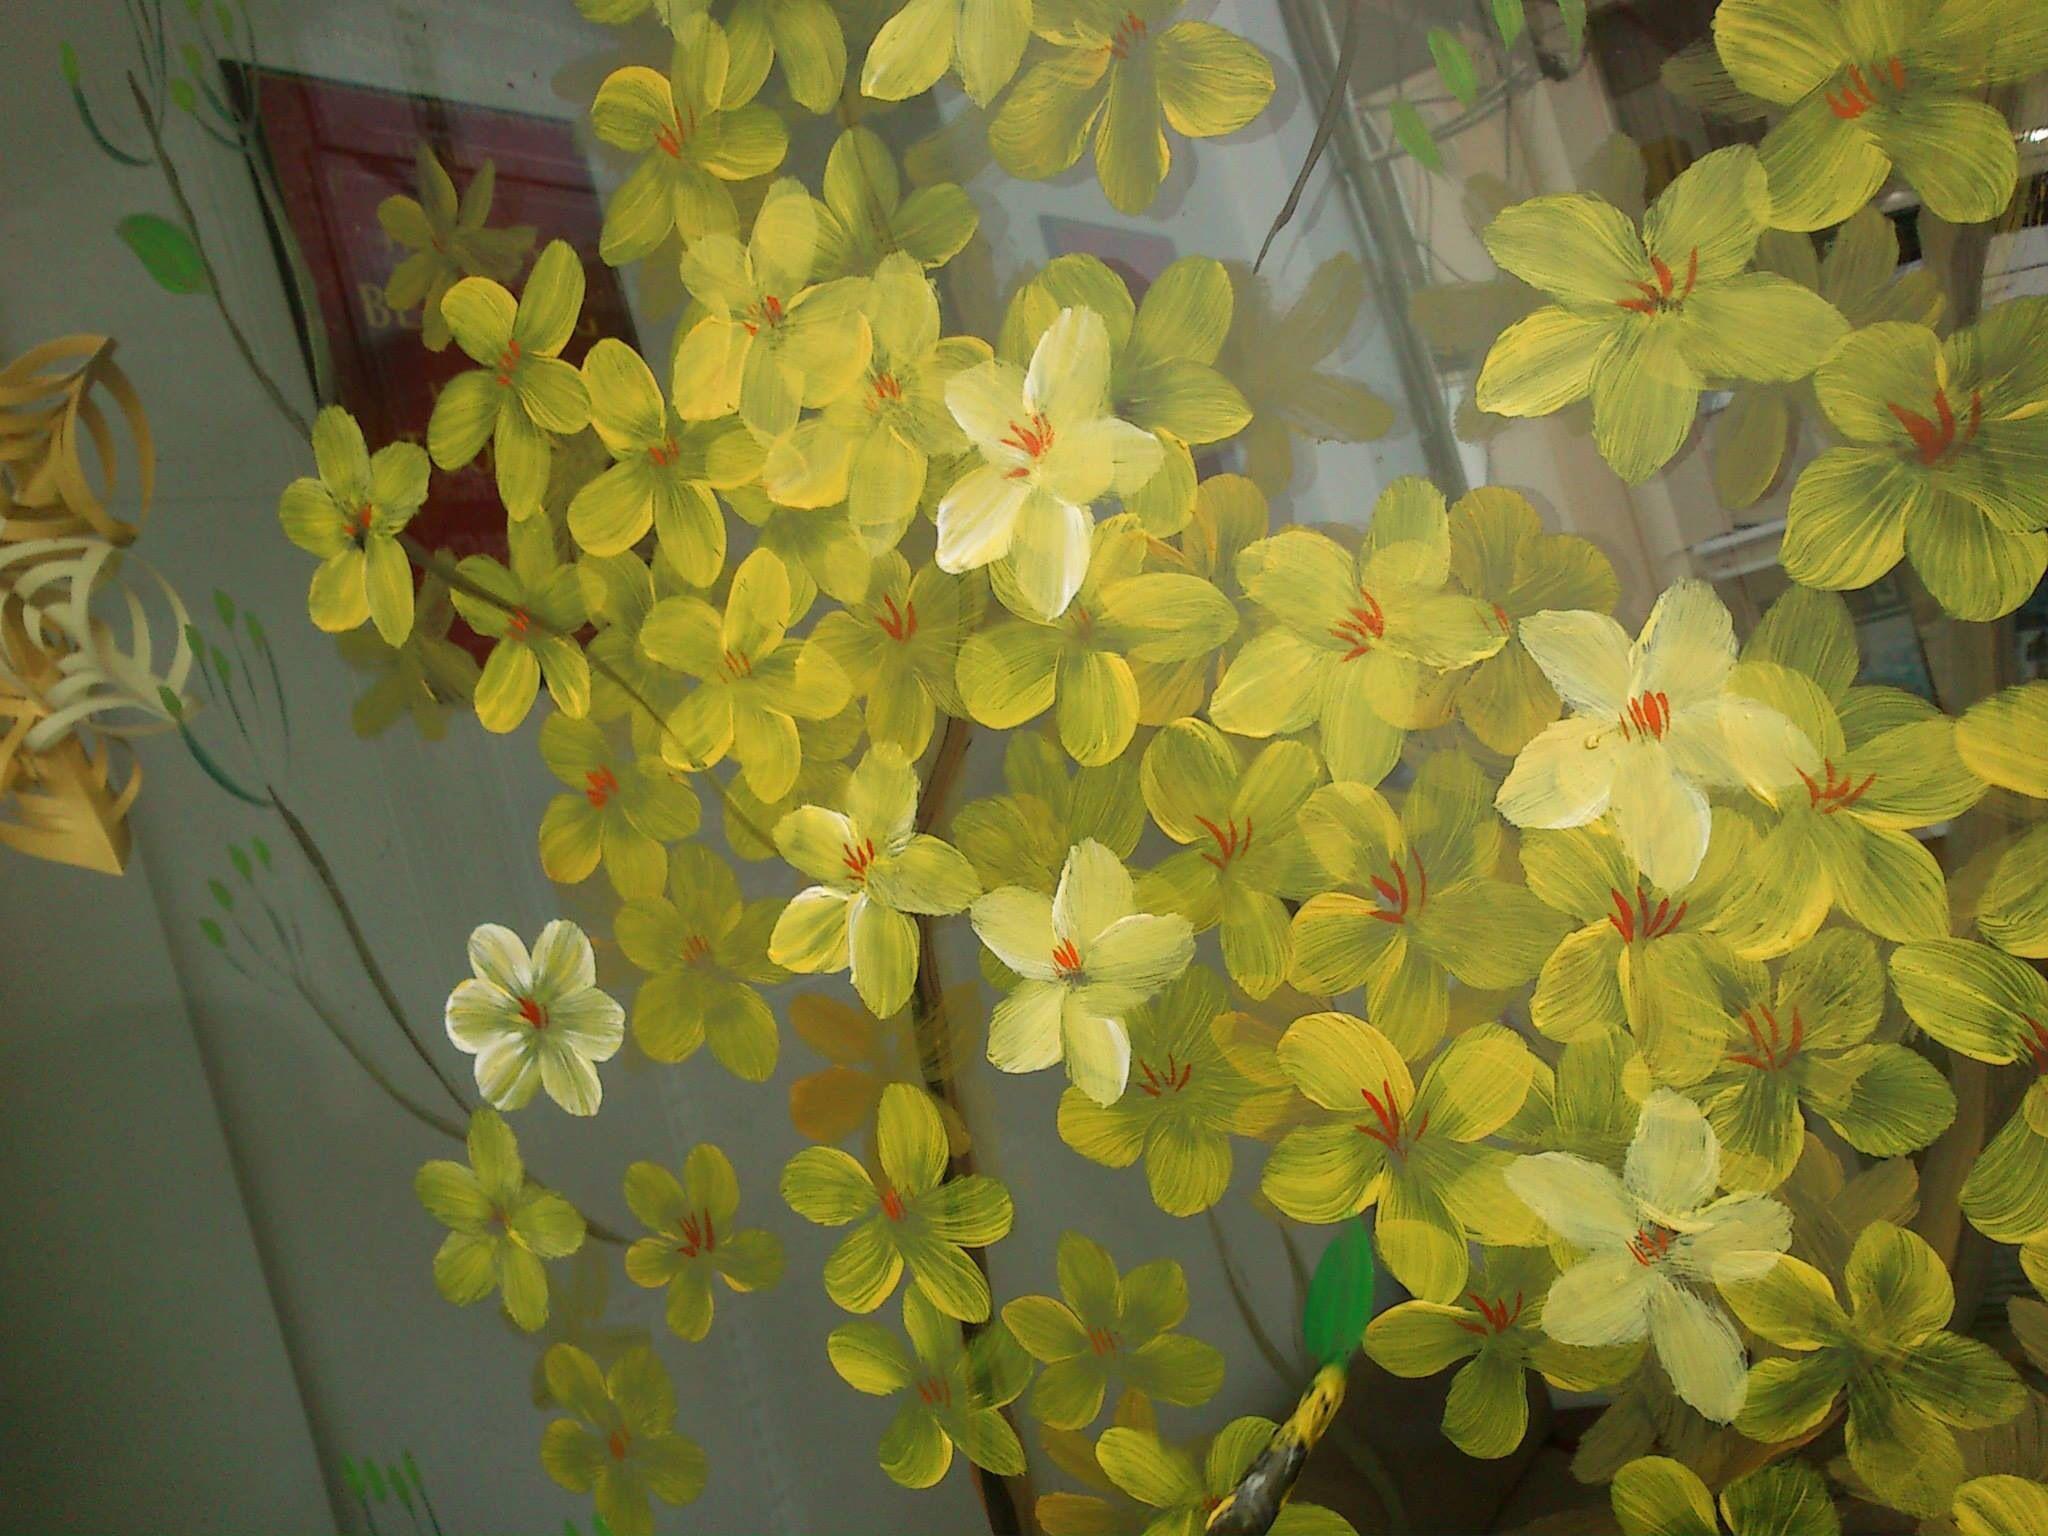 Vẽ tranh hoa mai hoa đào trên kính - Vẽ tranh tường L'art ...